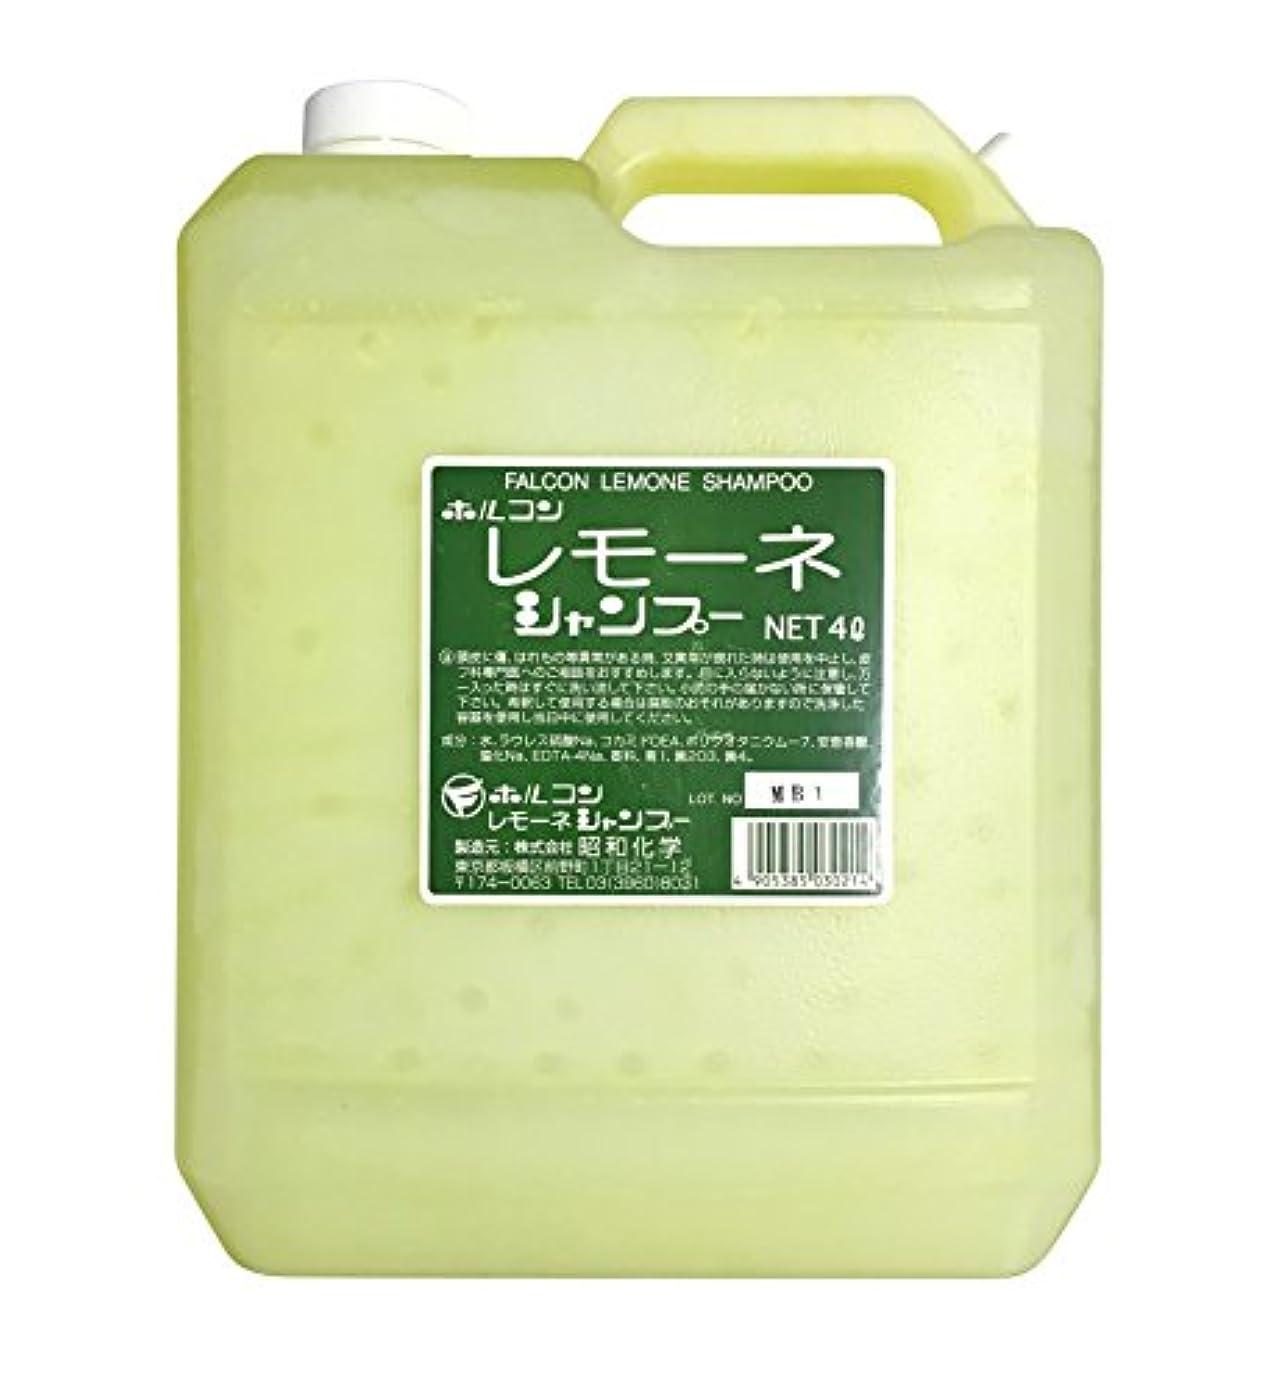 カウンターパート自分のために安定しました昭和化学 ホルコン レモーネシャンプー 4000ml